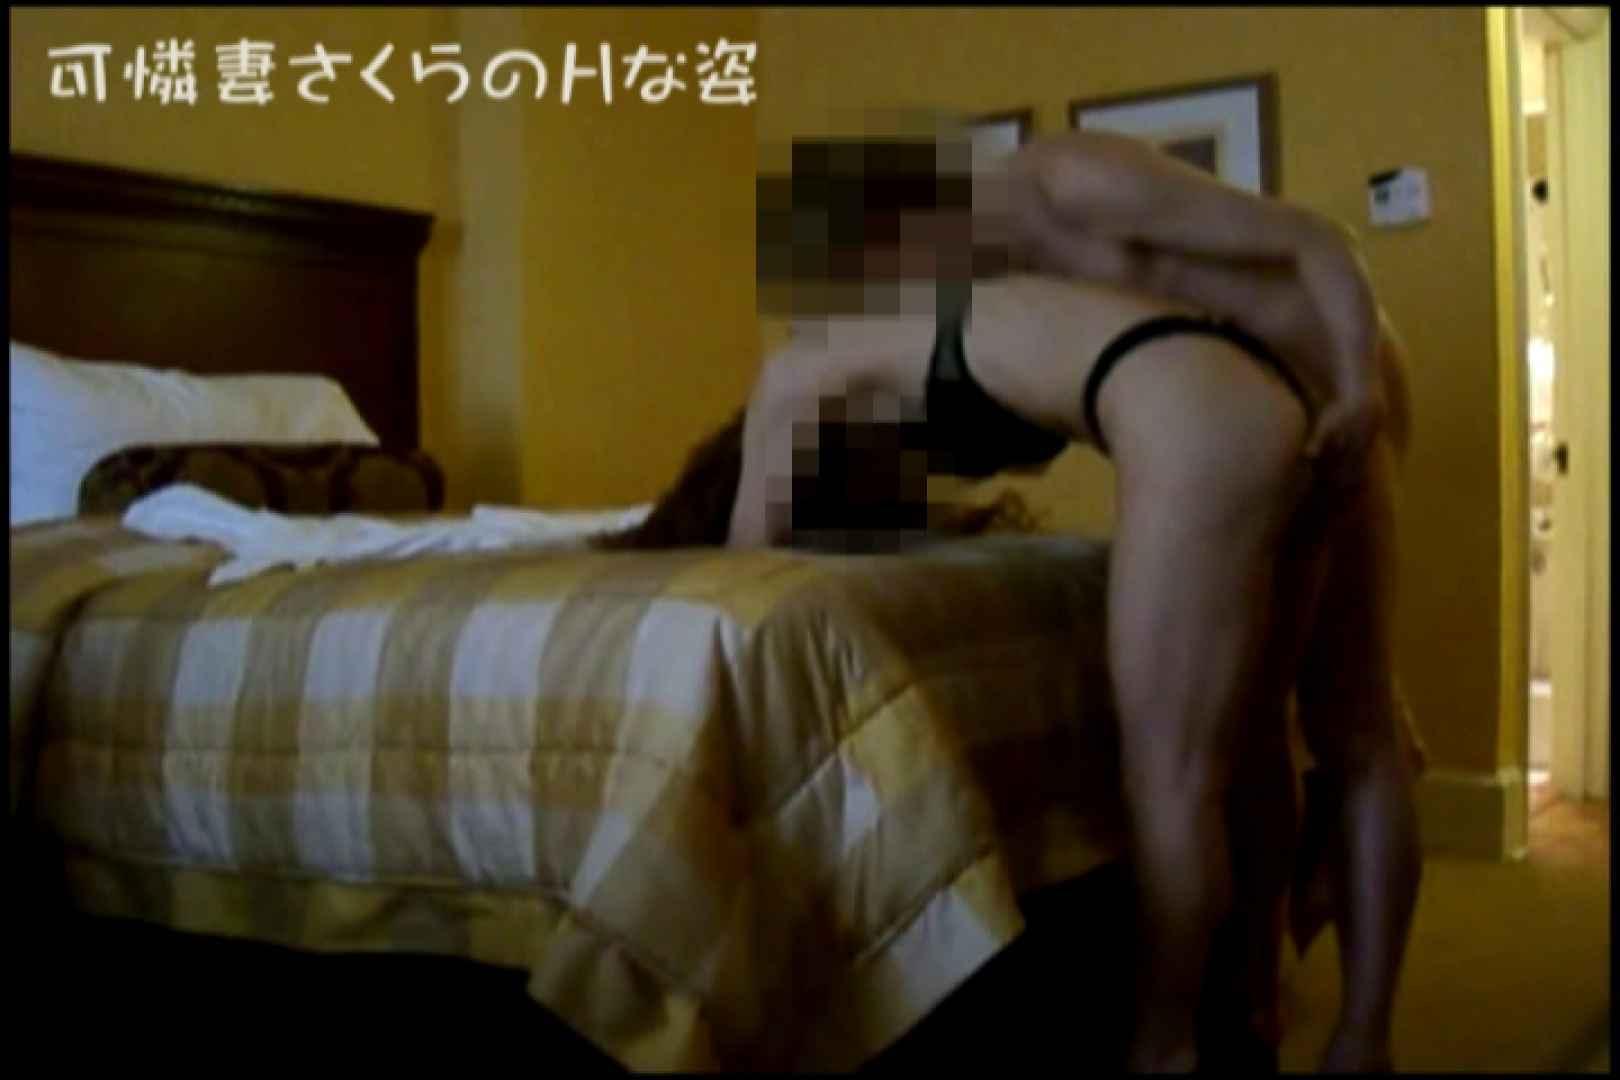 可憐妻さくらのHな姿vol.9前編 エッチな熟女   おっぱい特集  57pic 13